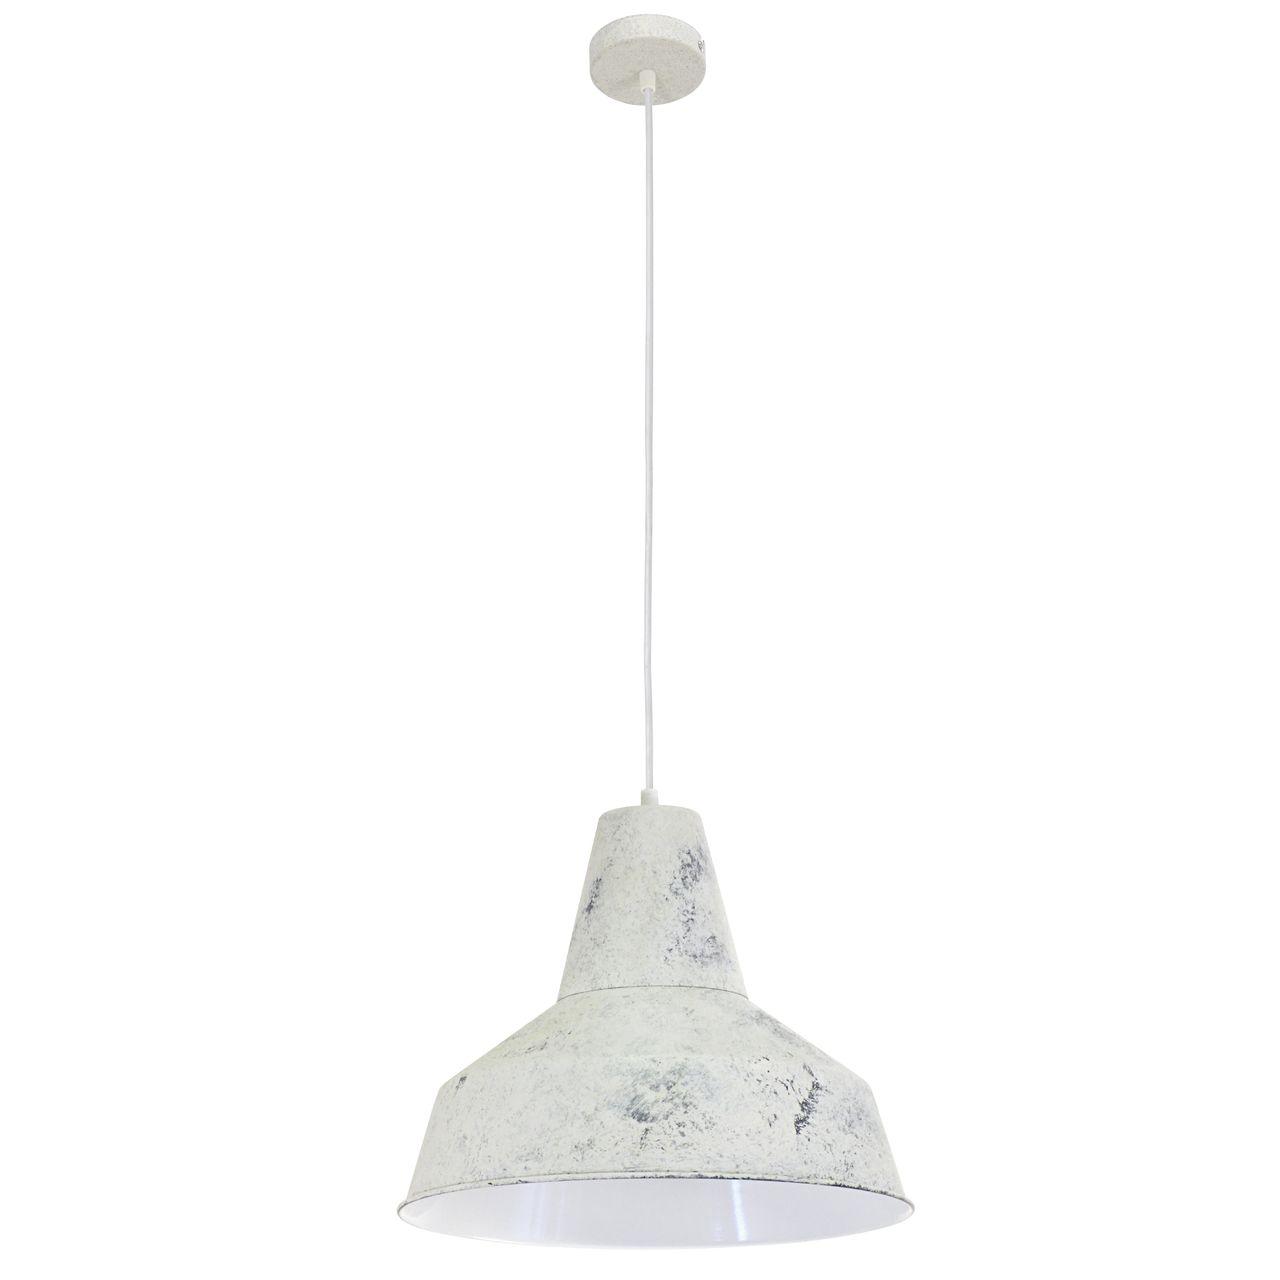 Подвесной светильник Eglo Vintage 49249 подвесной светильник eglo vintage 49224